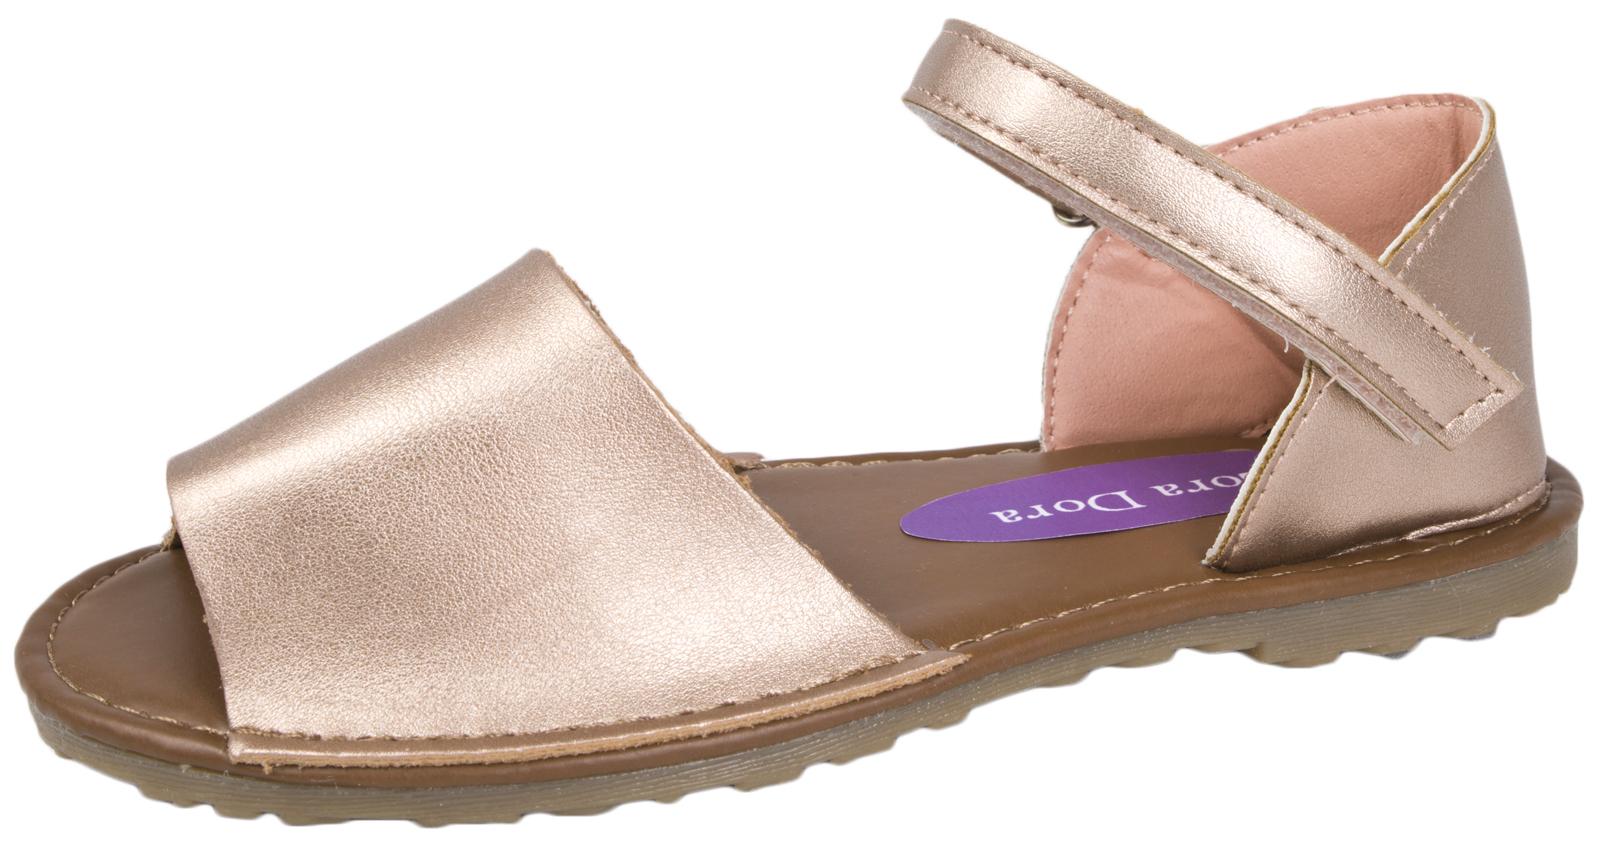 Chicas Imitación Cuero menorquina Sling Back Sandalias De Verano Playa Fiesta Zapatos Talla